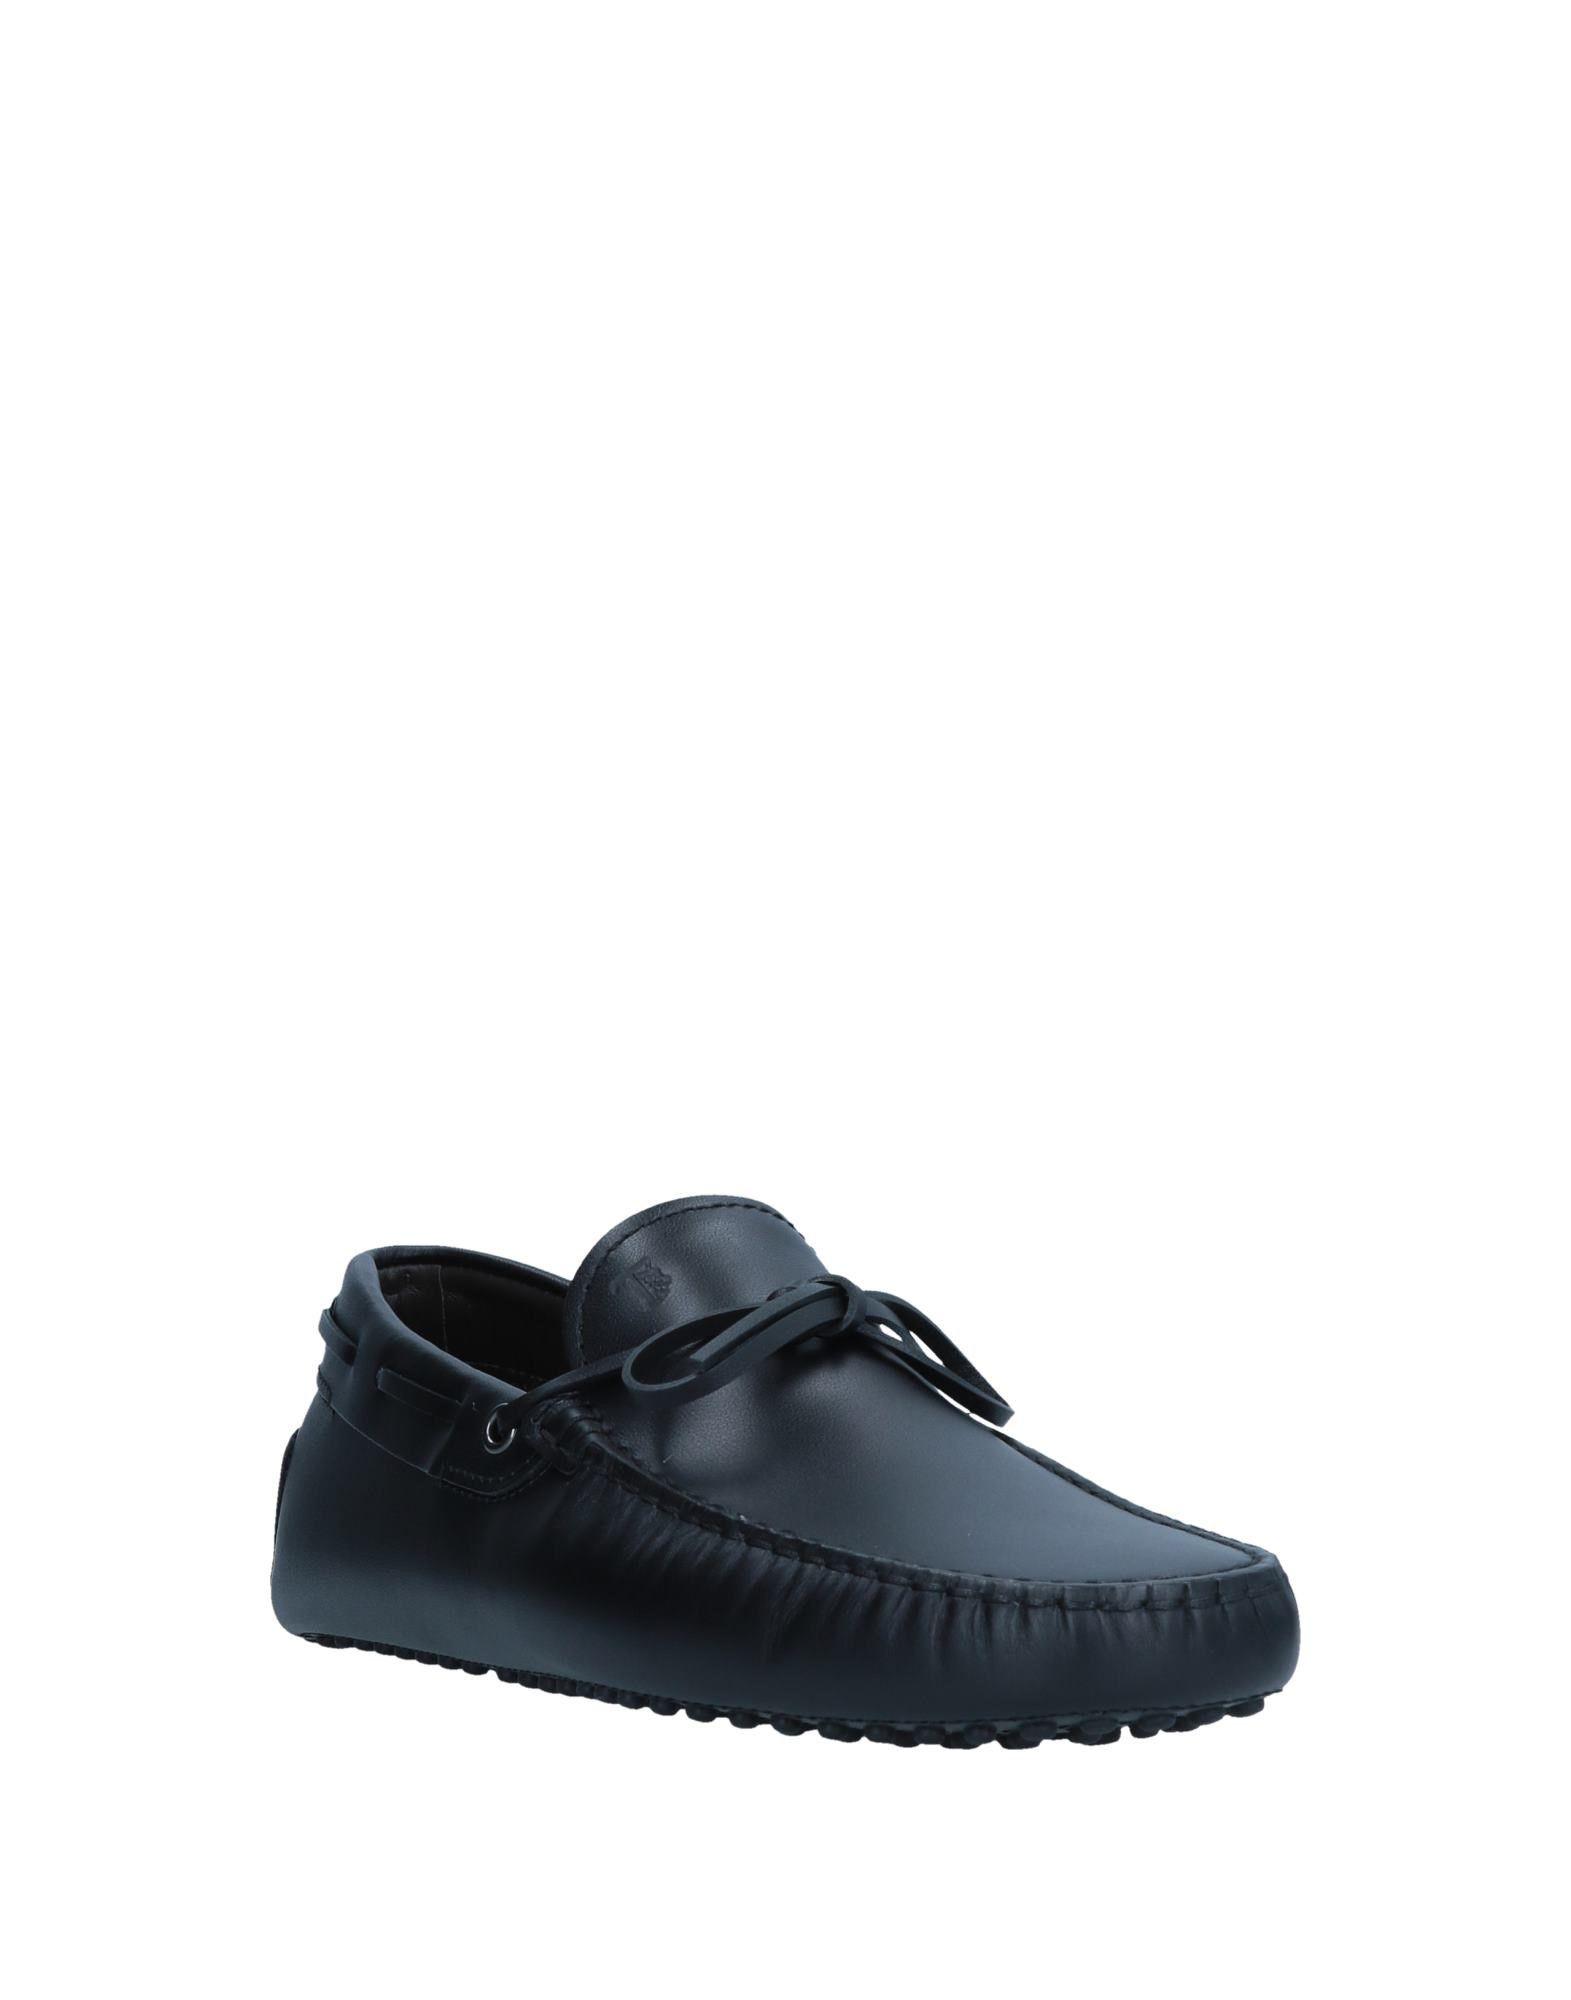 Tod's Mokassins Herren  11548407AO Gute Qualität beliebte Schuhe